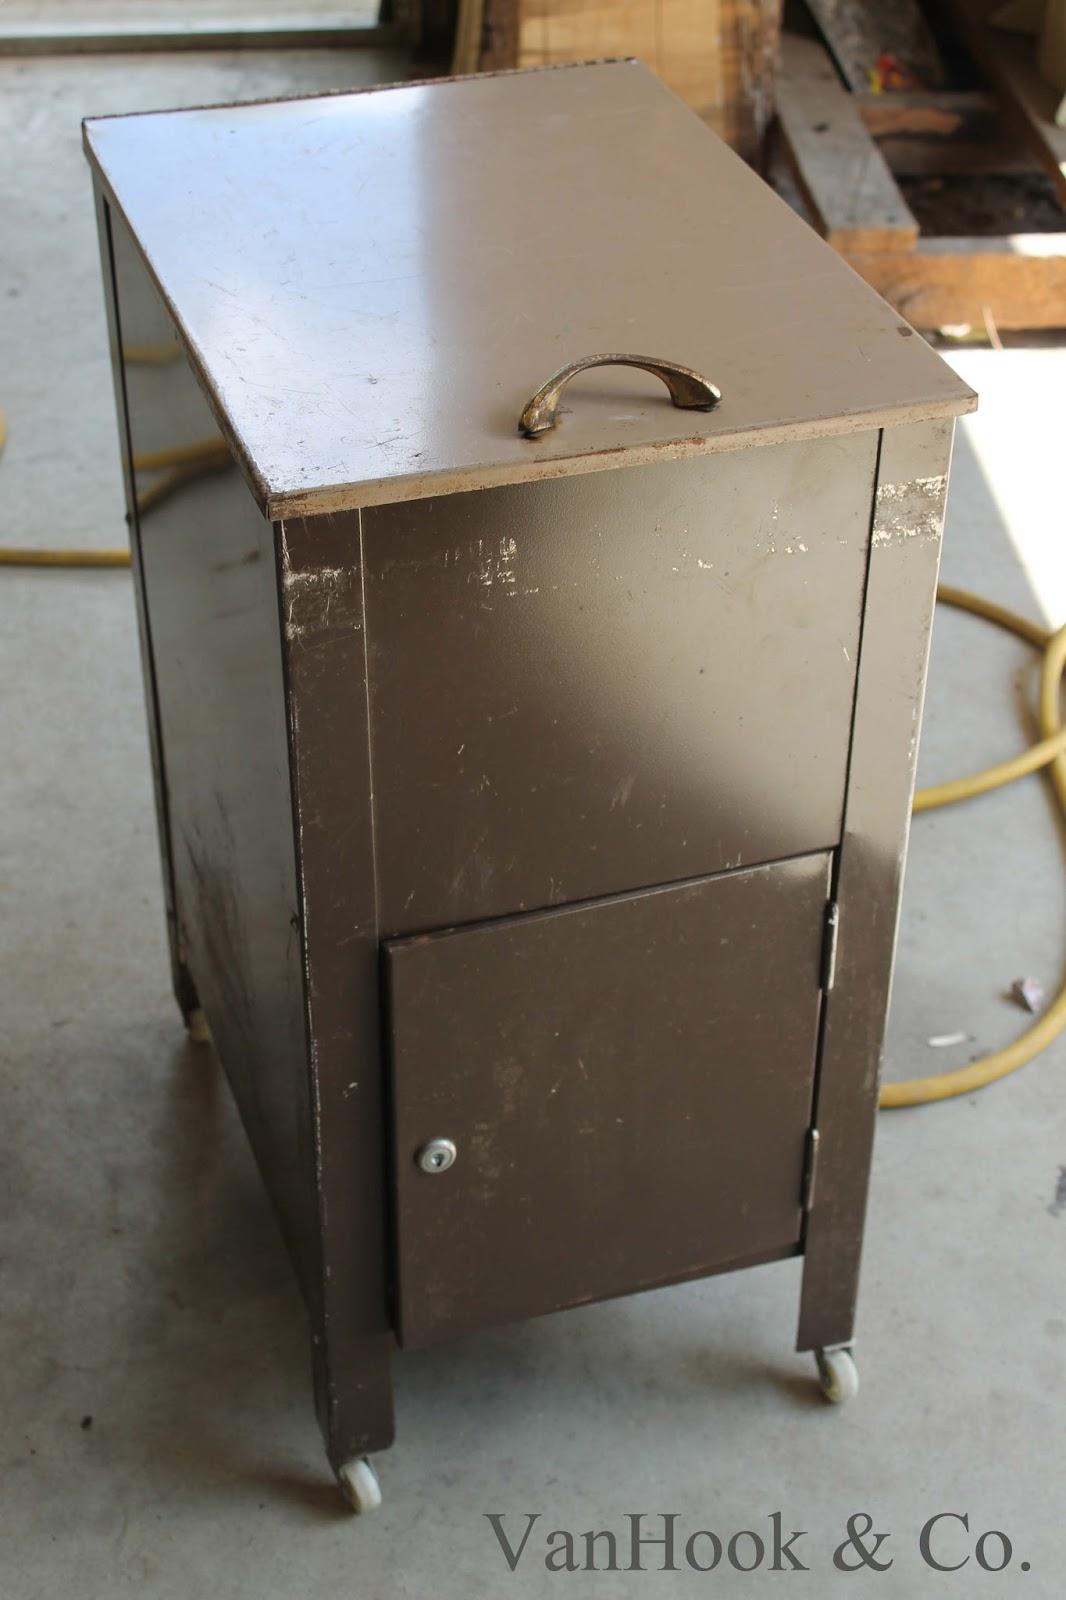 VanHook  Co Metal File Cabinet Repurposed